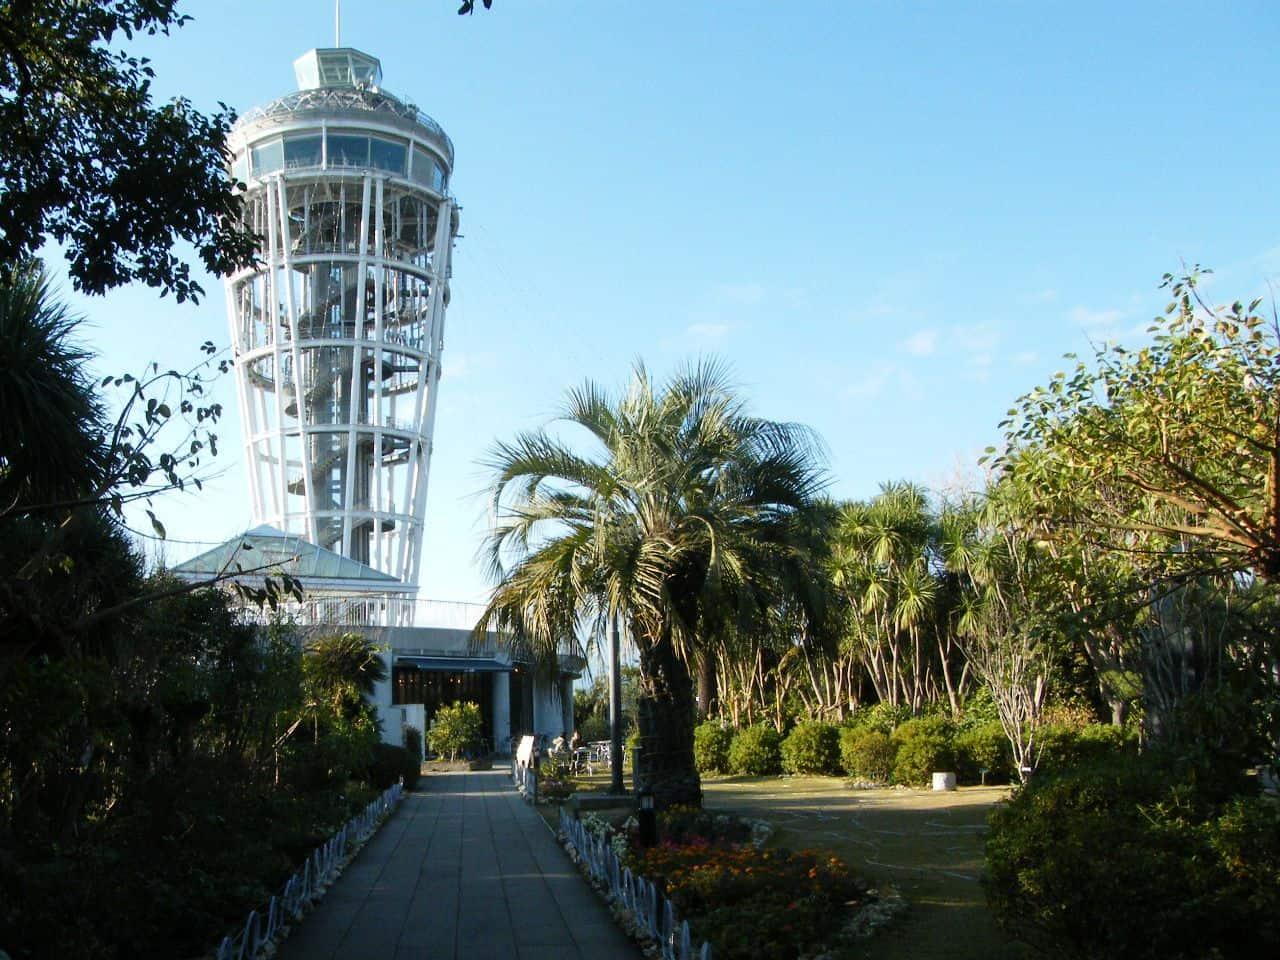 หอชมวิวที่สูงที่สุดบนเกาะเอโนชิมะที่อยู่ด้านในสวนซามูเอลค็อกกิ้ง (Samuel Cocking Garden)